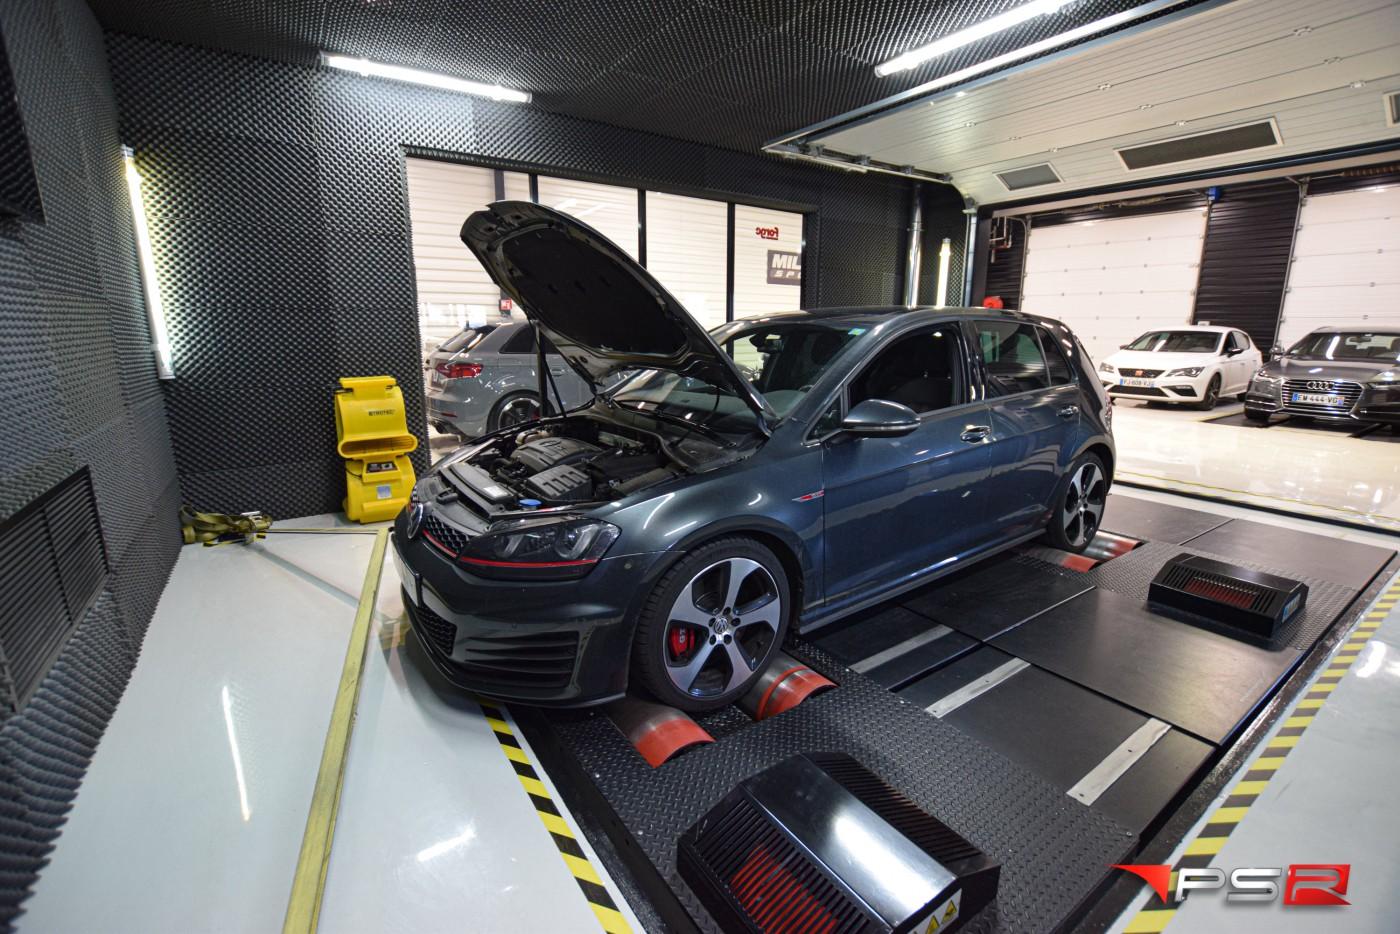 VW GOLF VII GTI 230 TUNE + ETHANOL